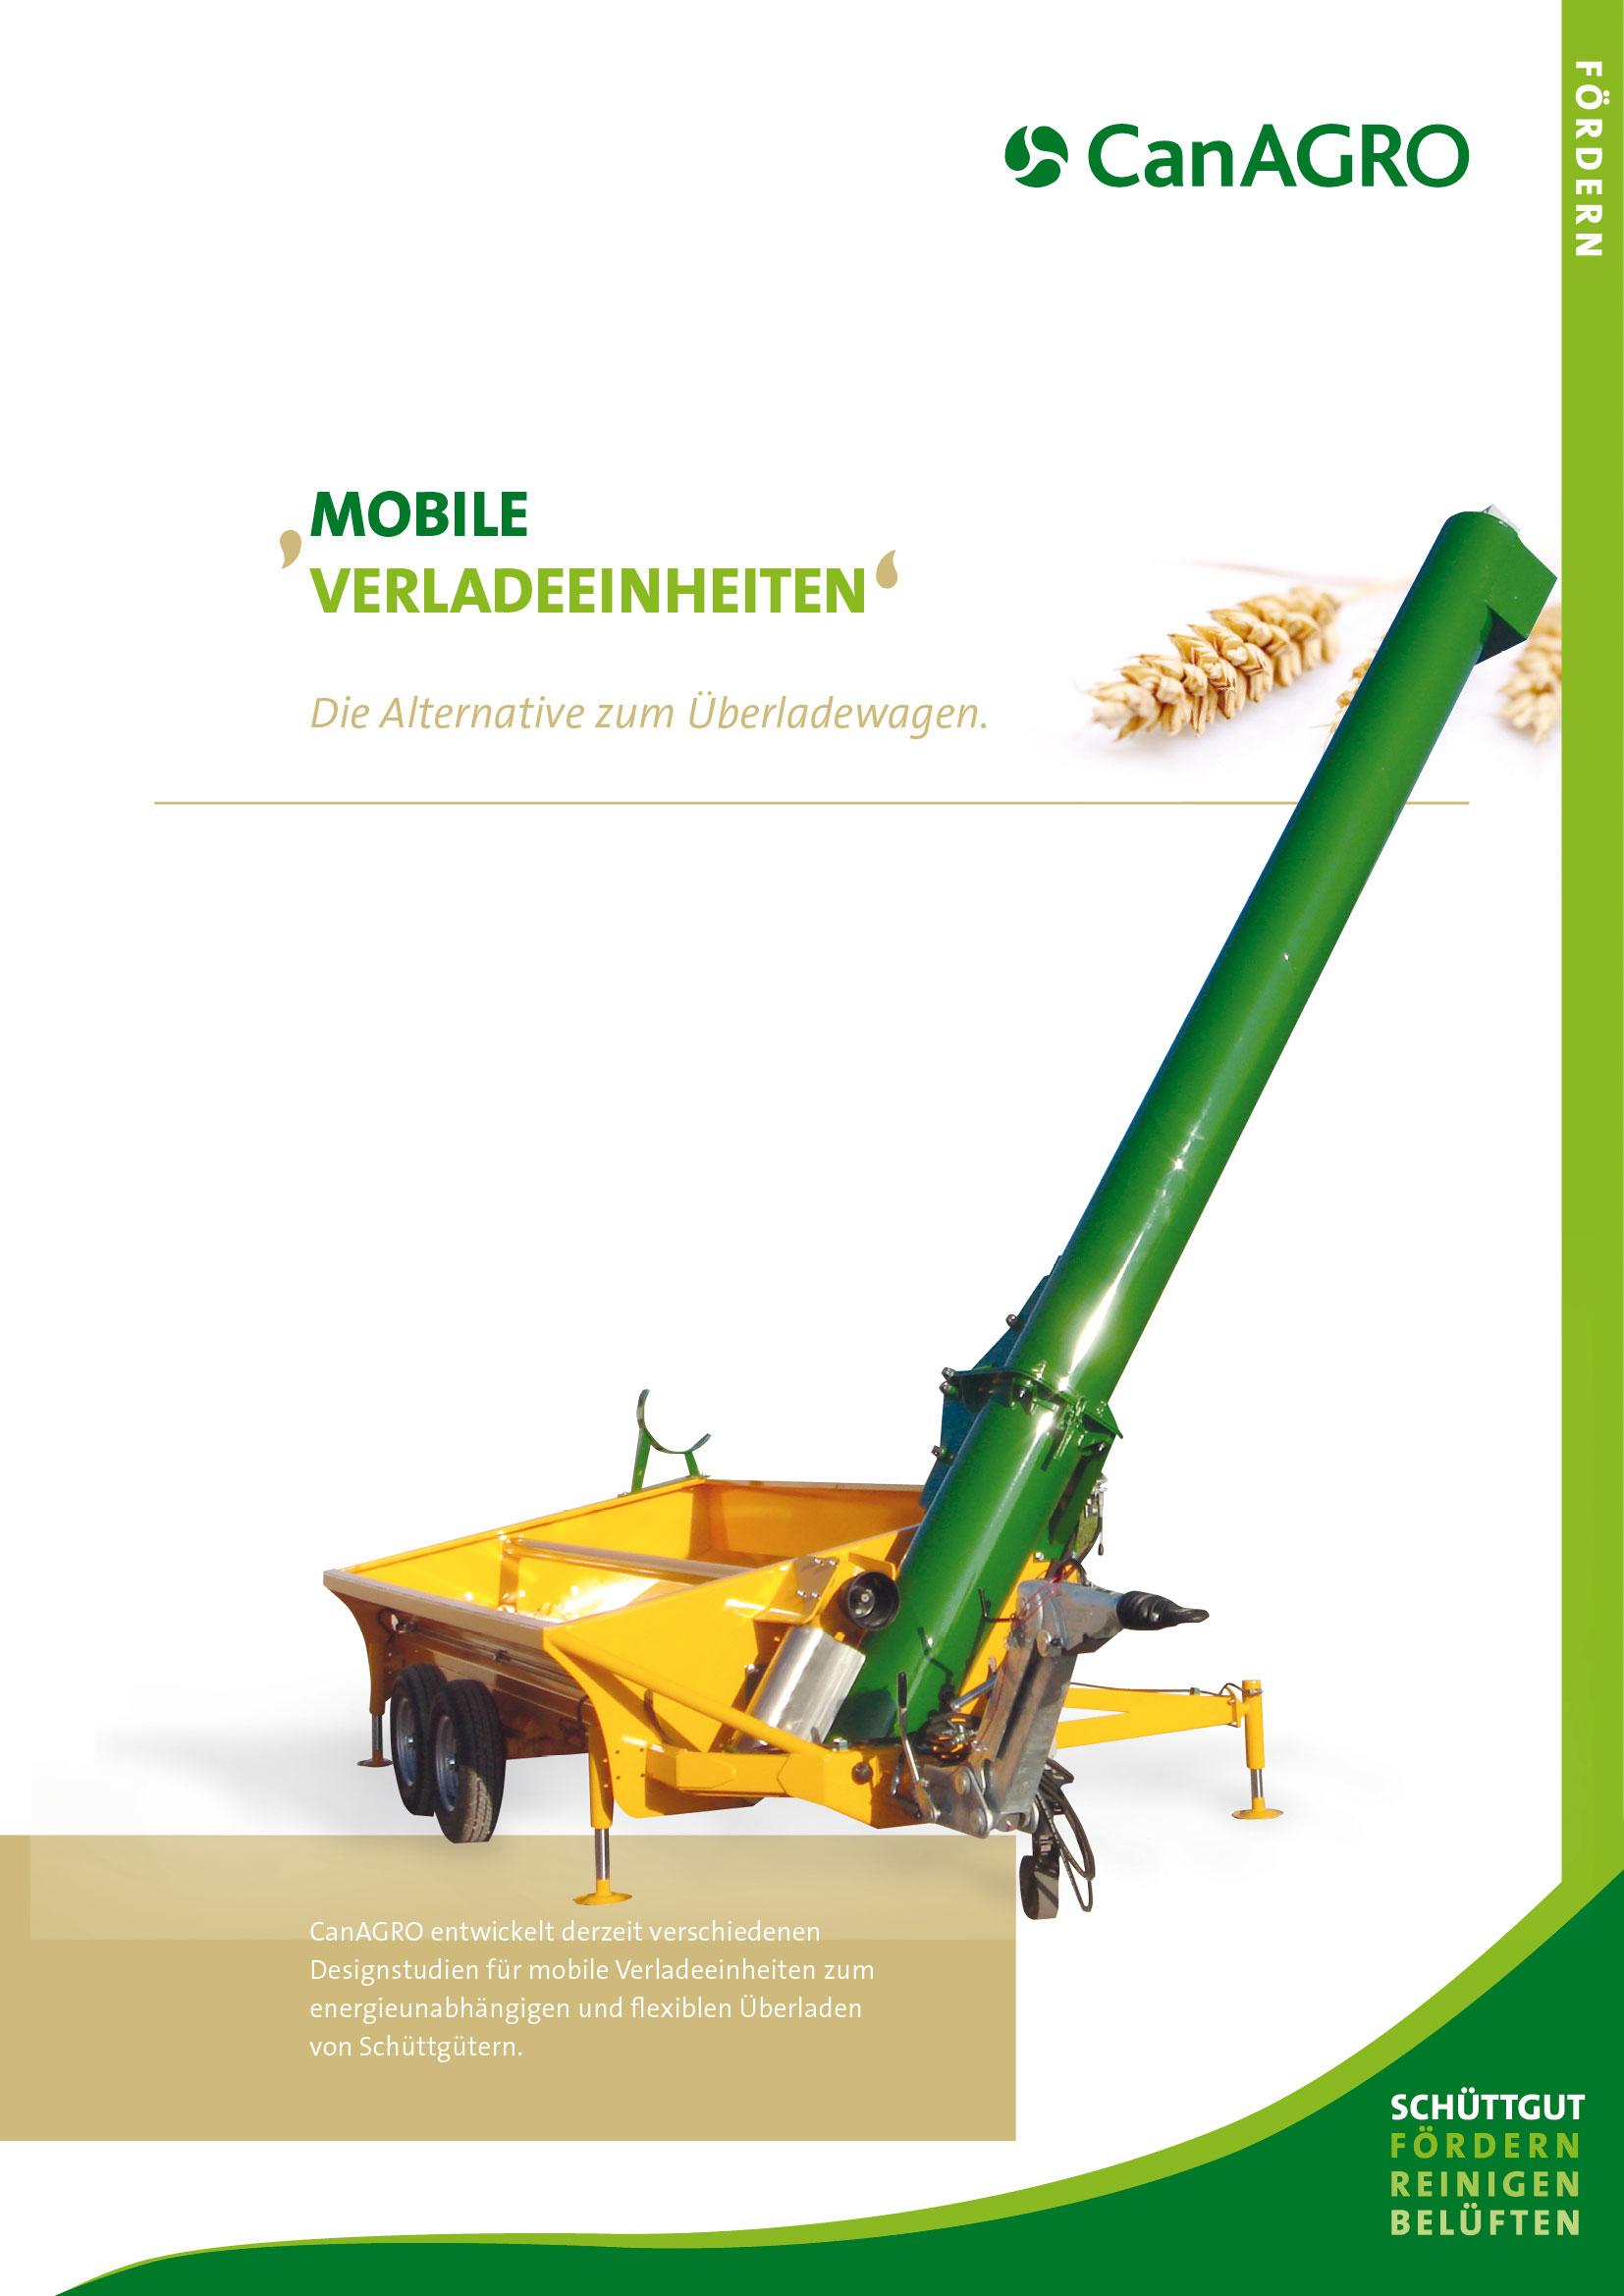 CanAGRO - PDF: Mobile Verladeeinheit - deutsch